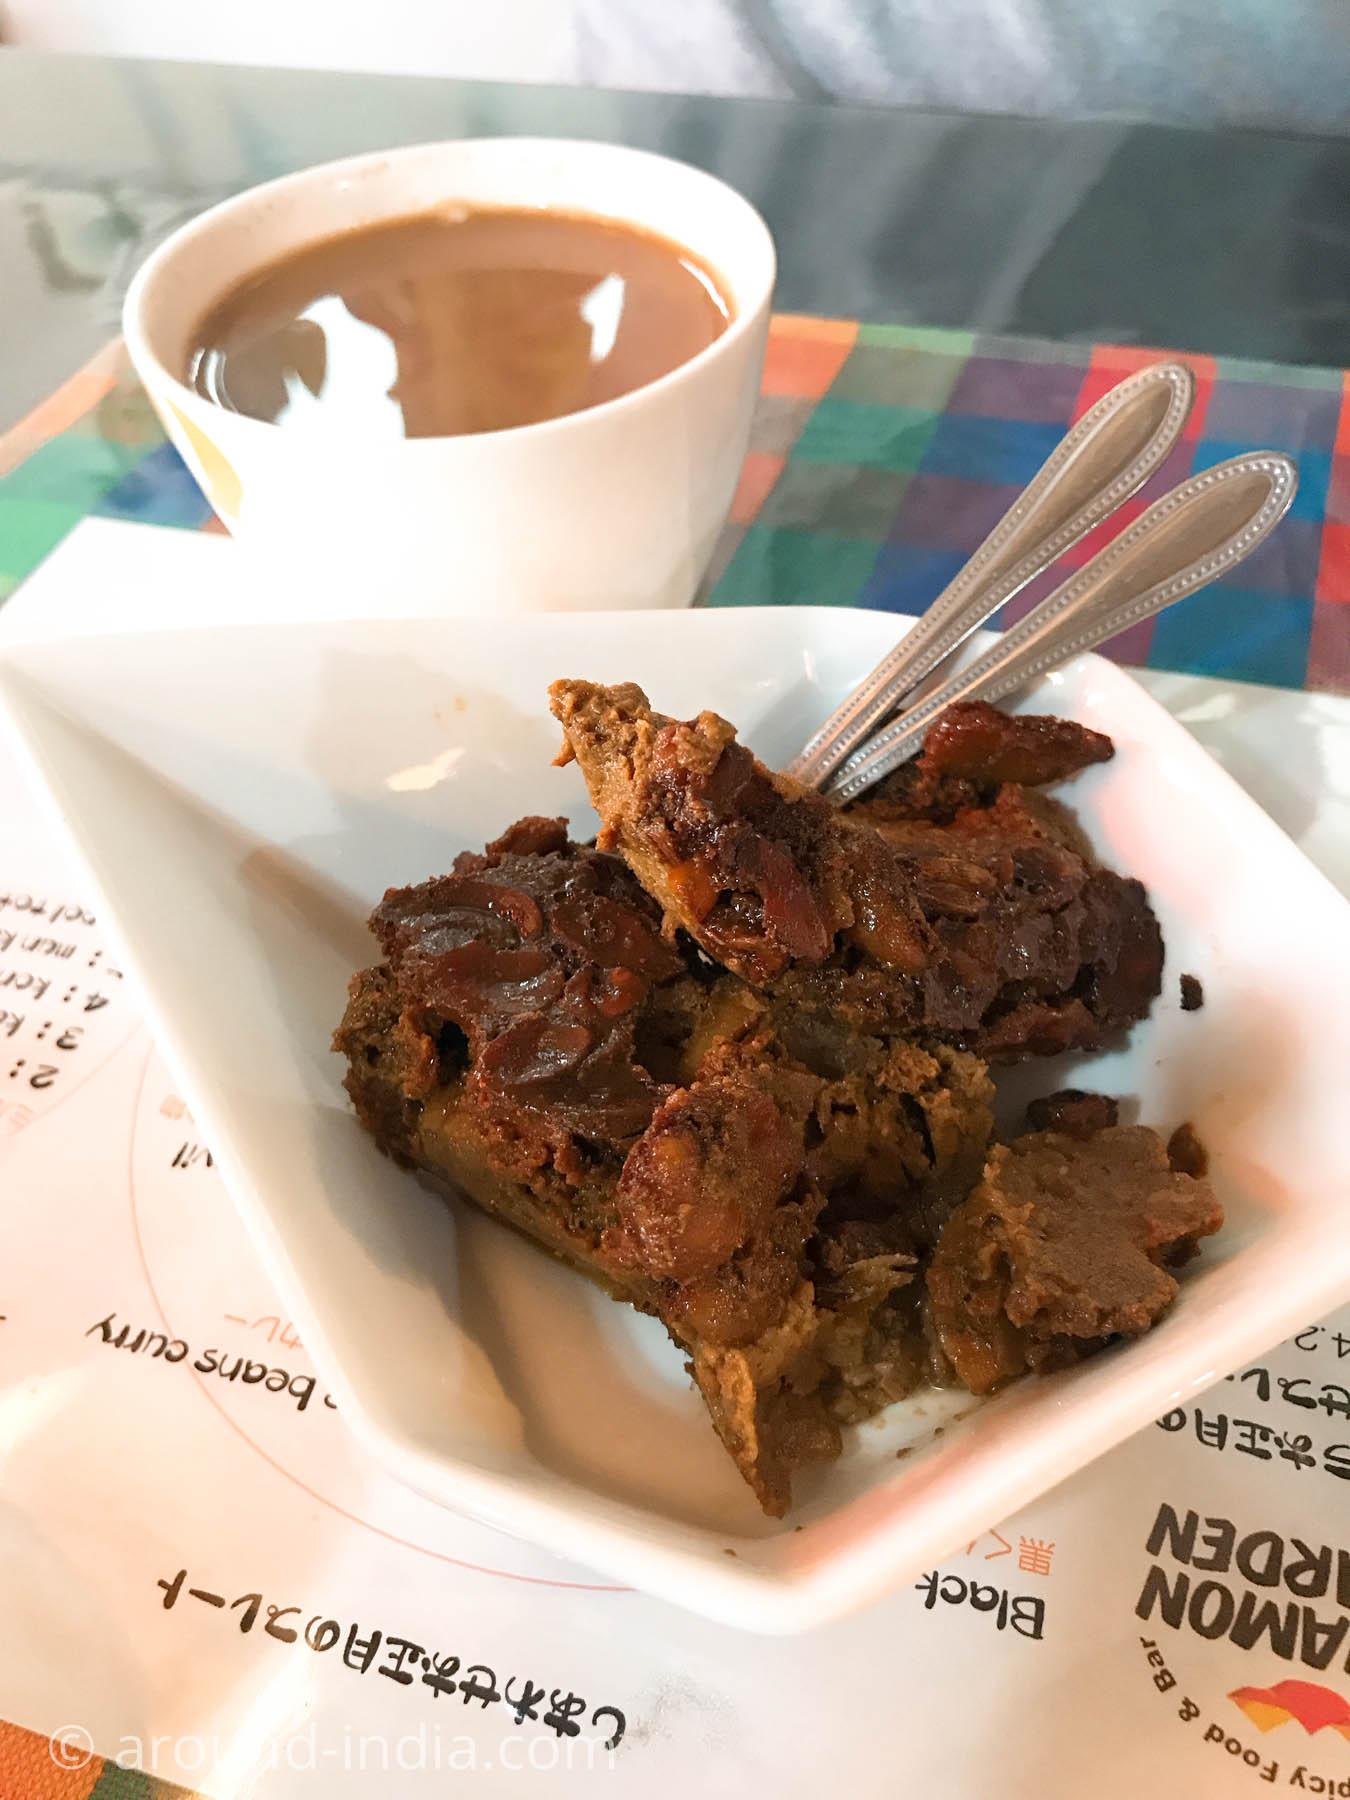 スリランカ料理シナモンガーデンのワタラッパンとチャイ